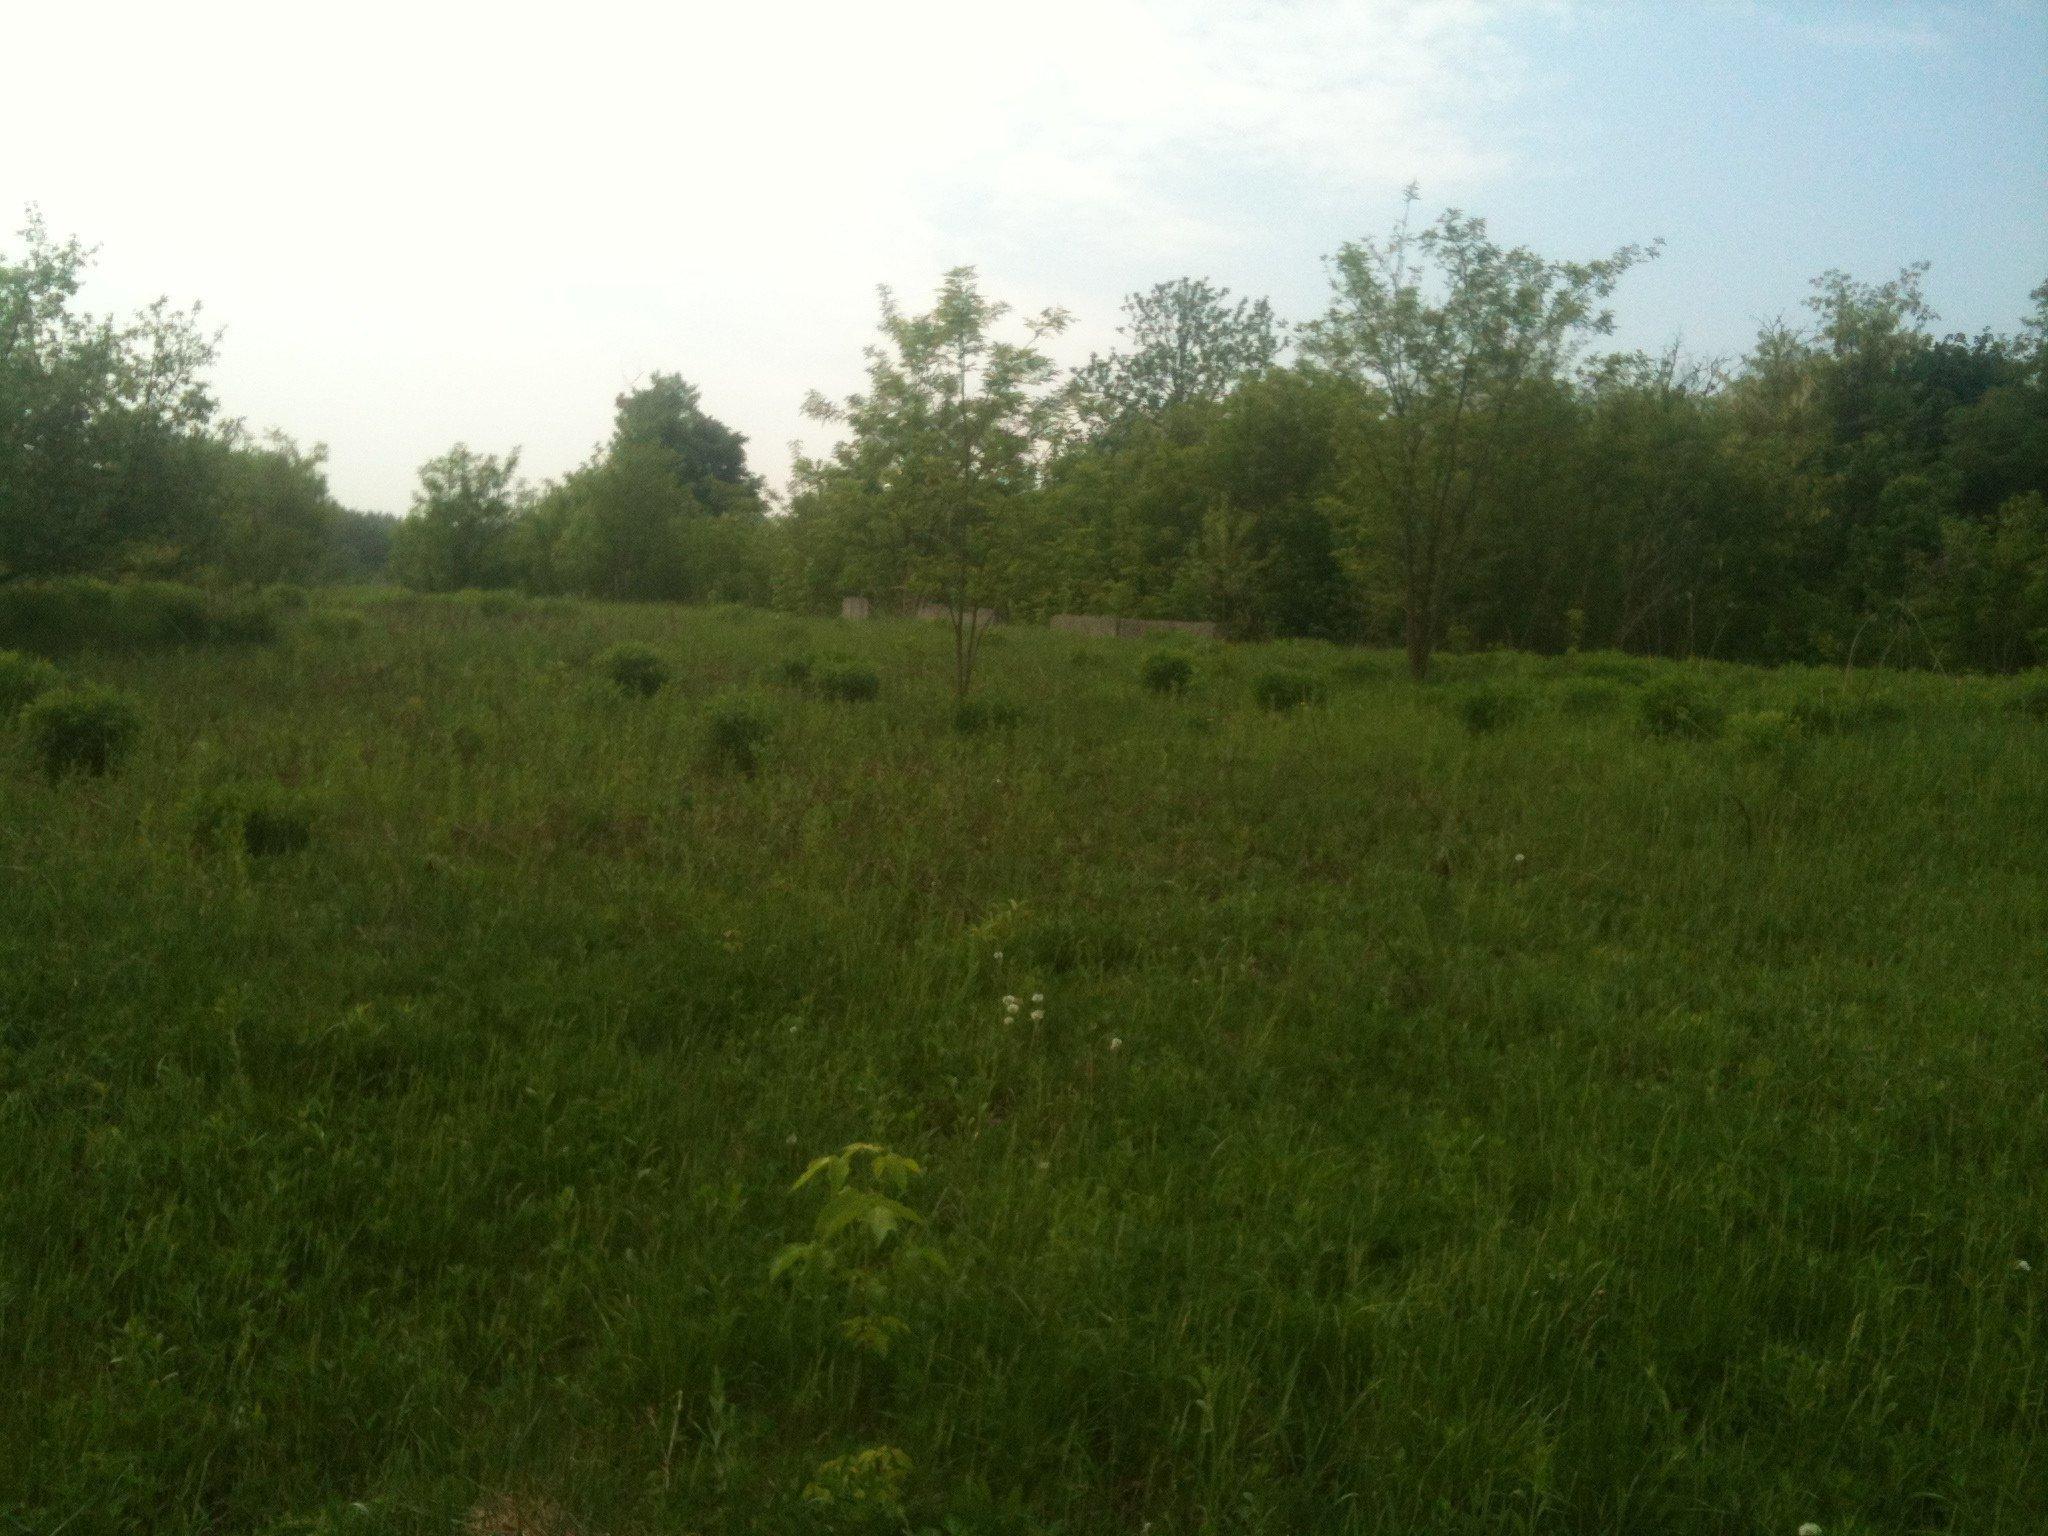 Фото: Продам земельну ділянку в місті Лісники. Оголошення № 4453